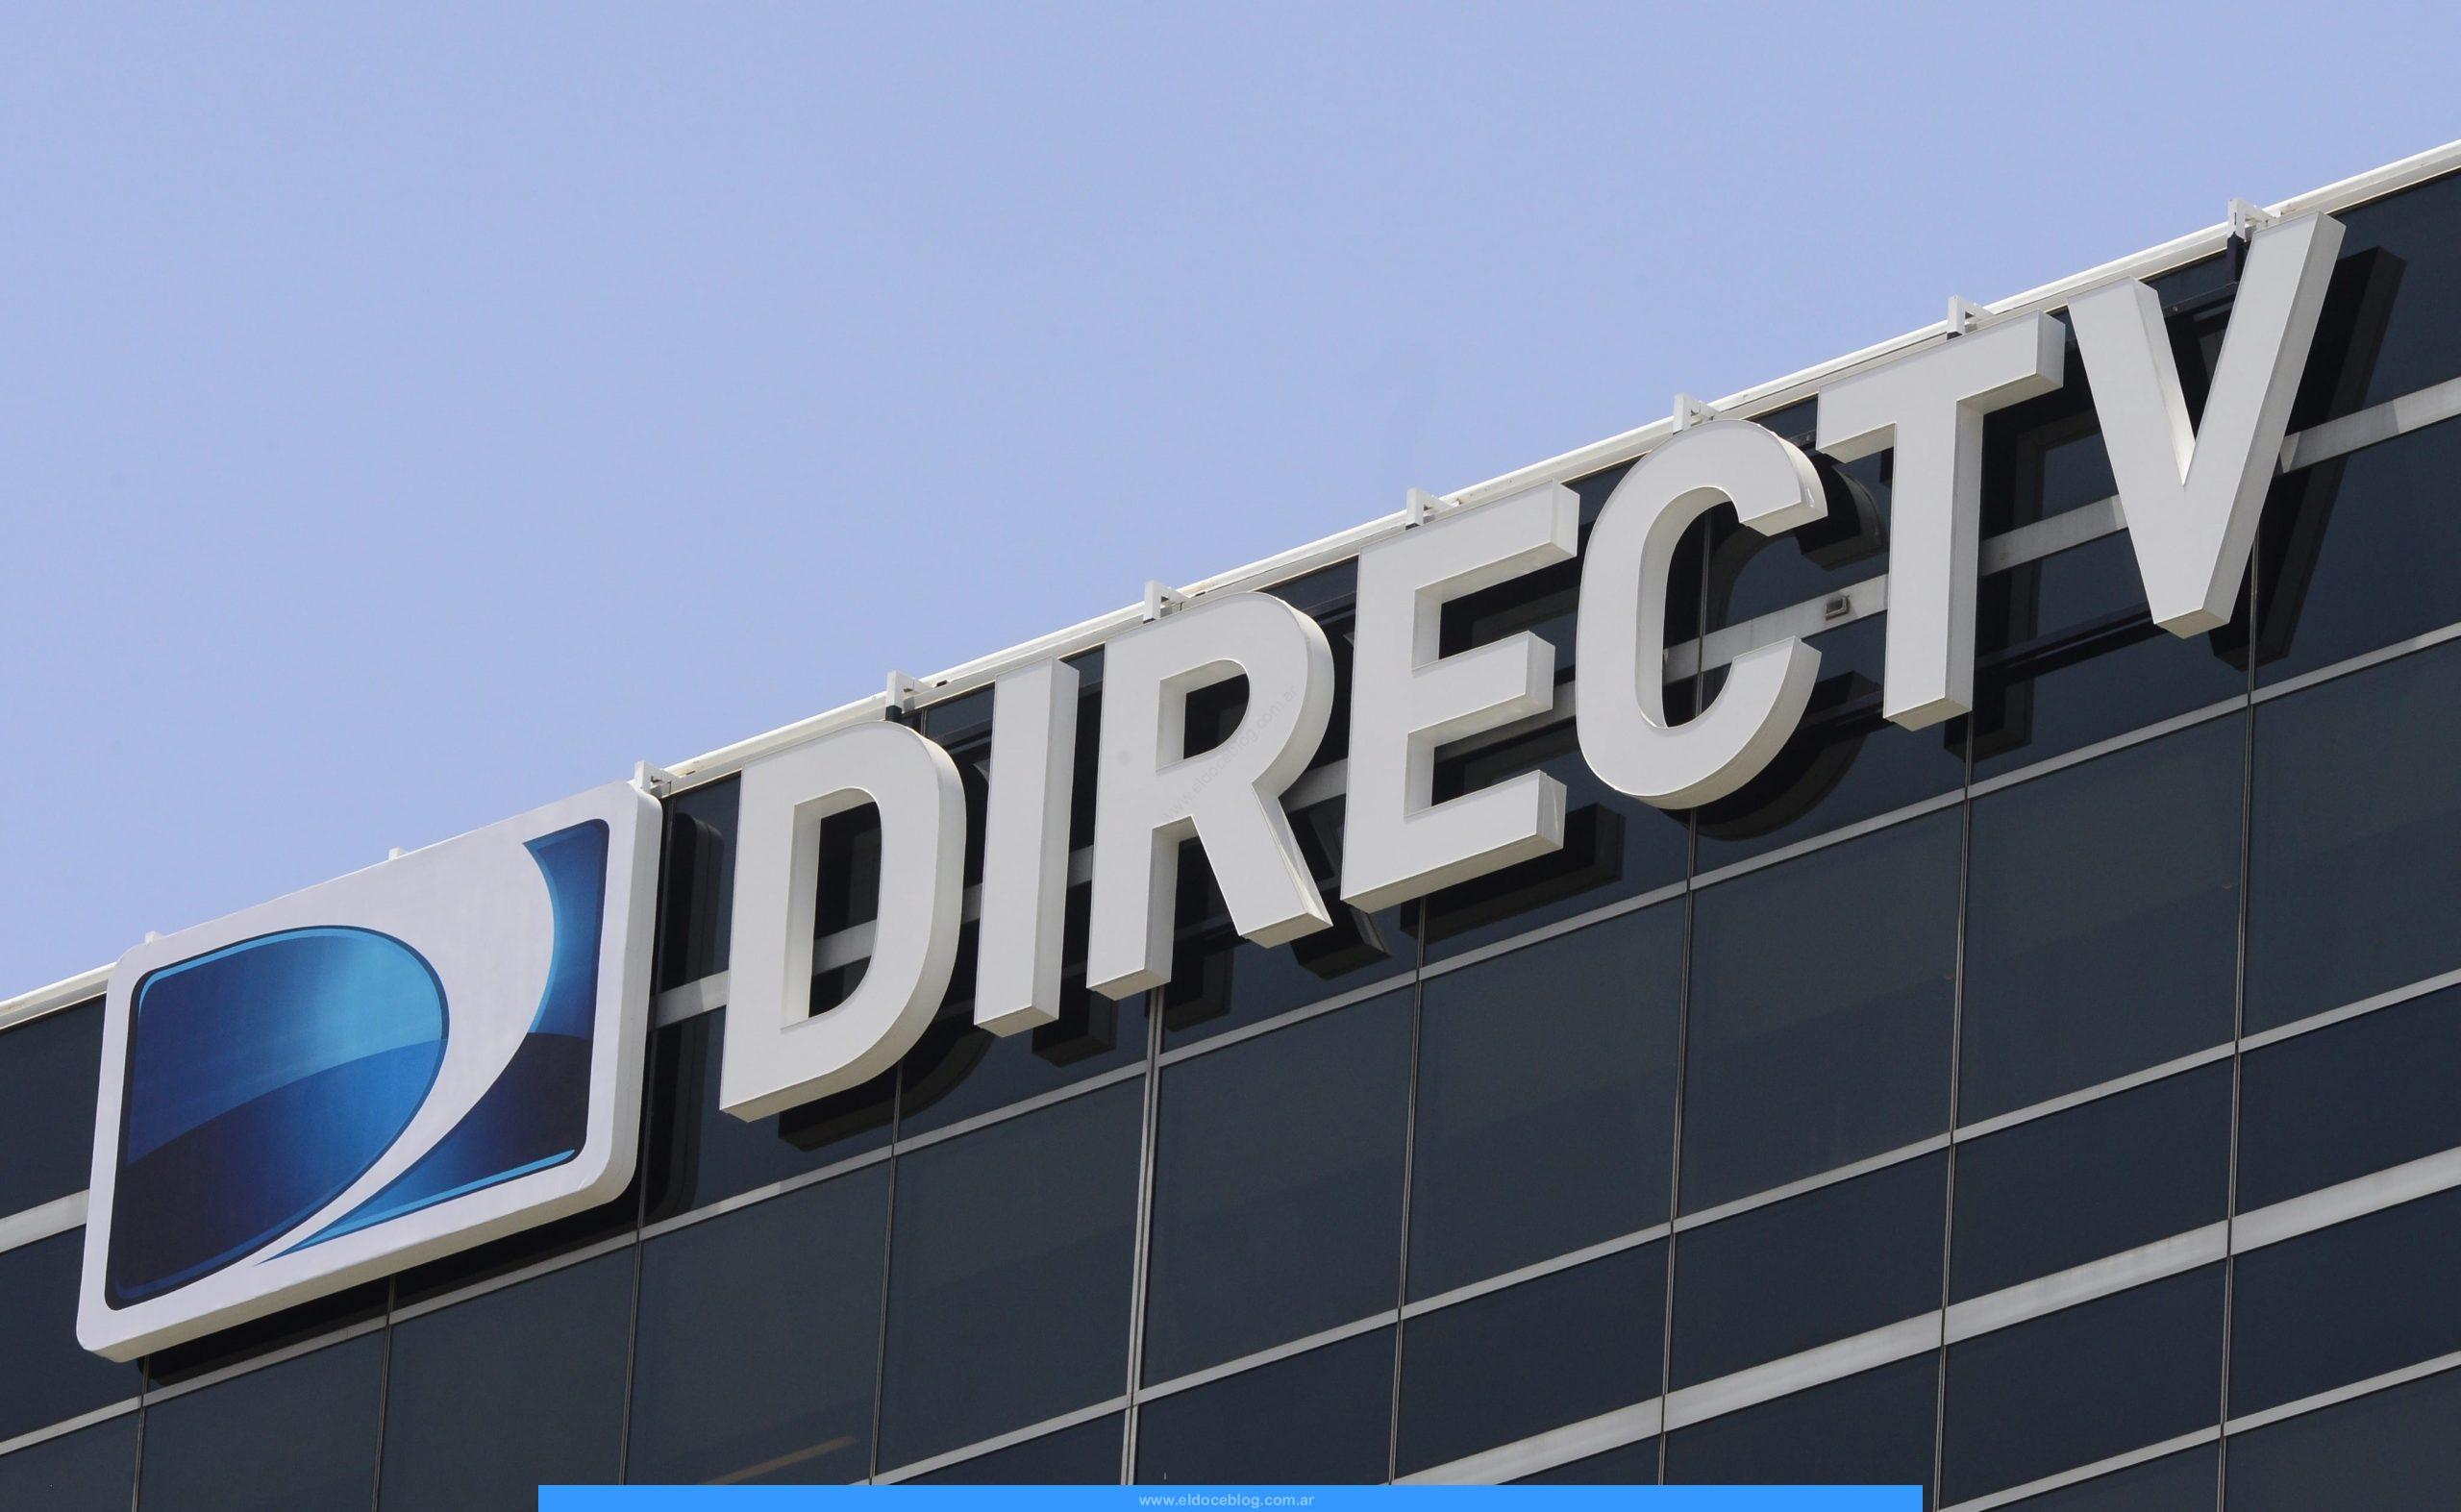 Como dar de baja Directv Argentina